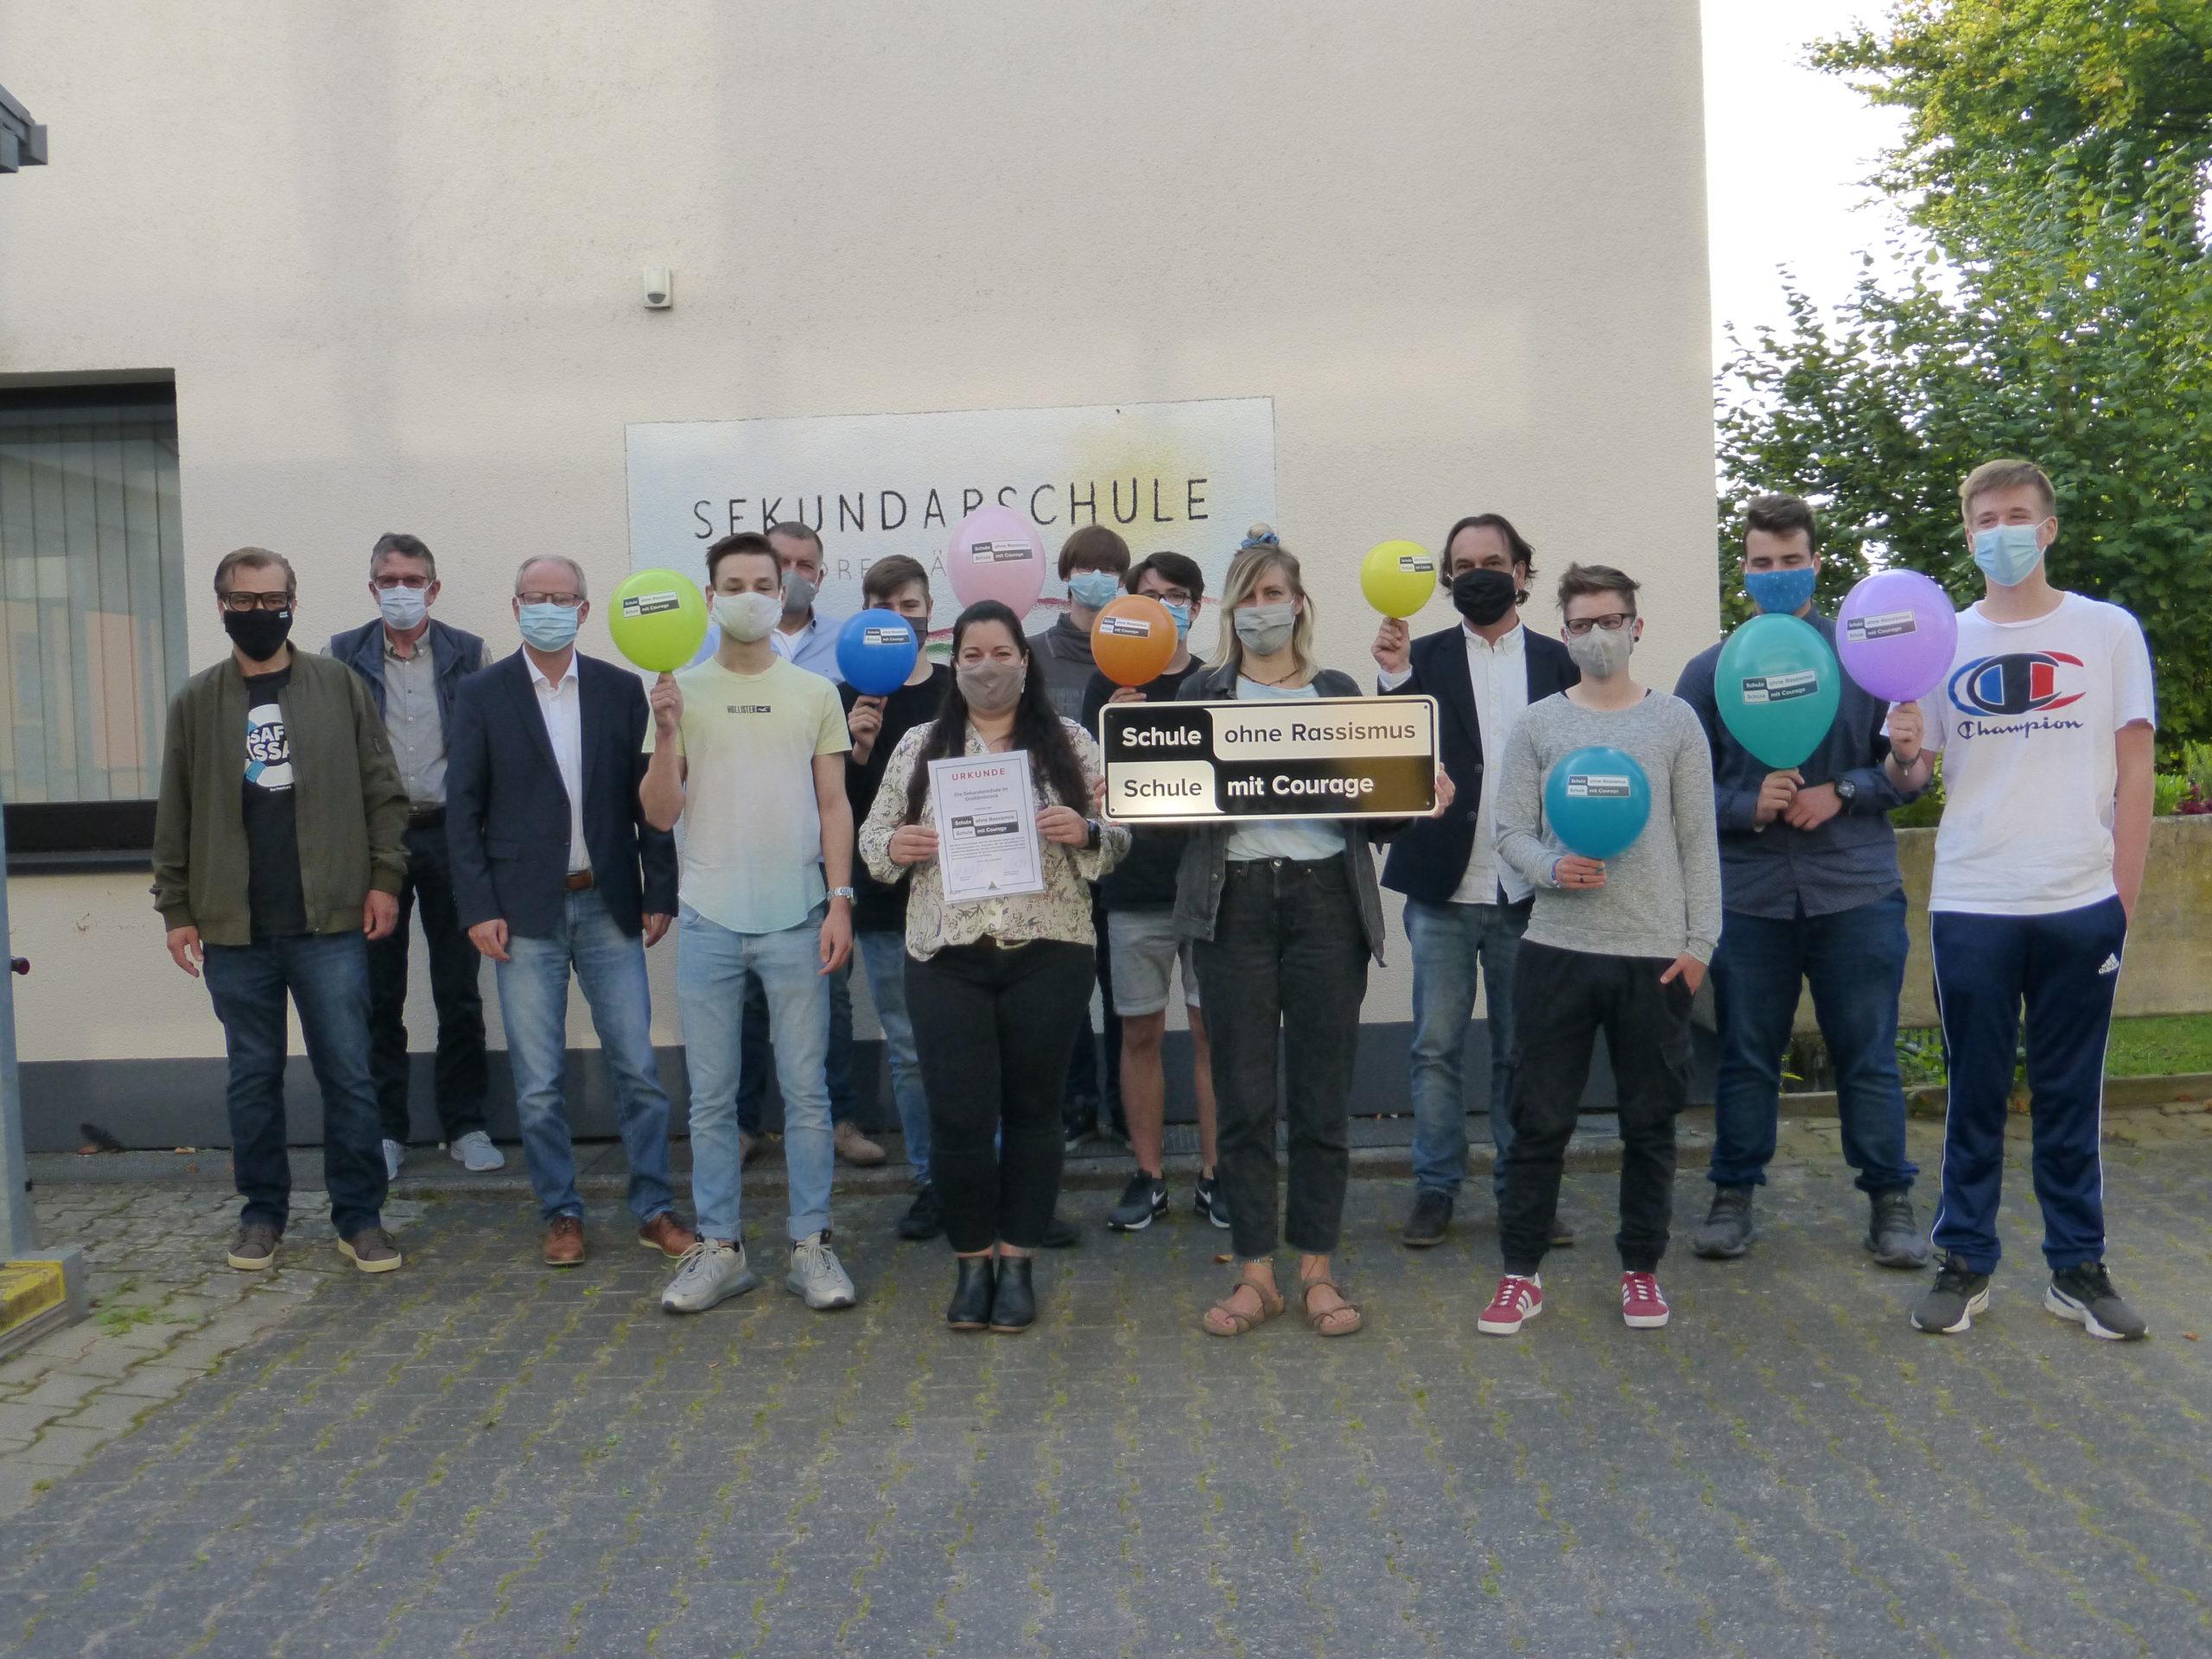 Eine Schule mit Courage – Sekundarschule im Dreiländereck erhält besondere Auszeichnung